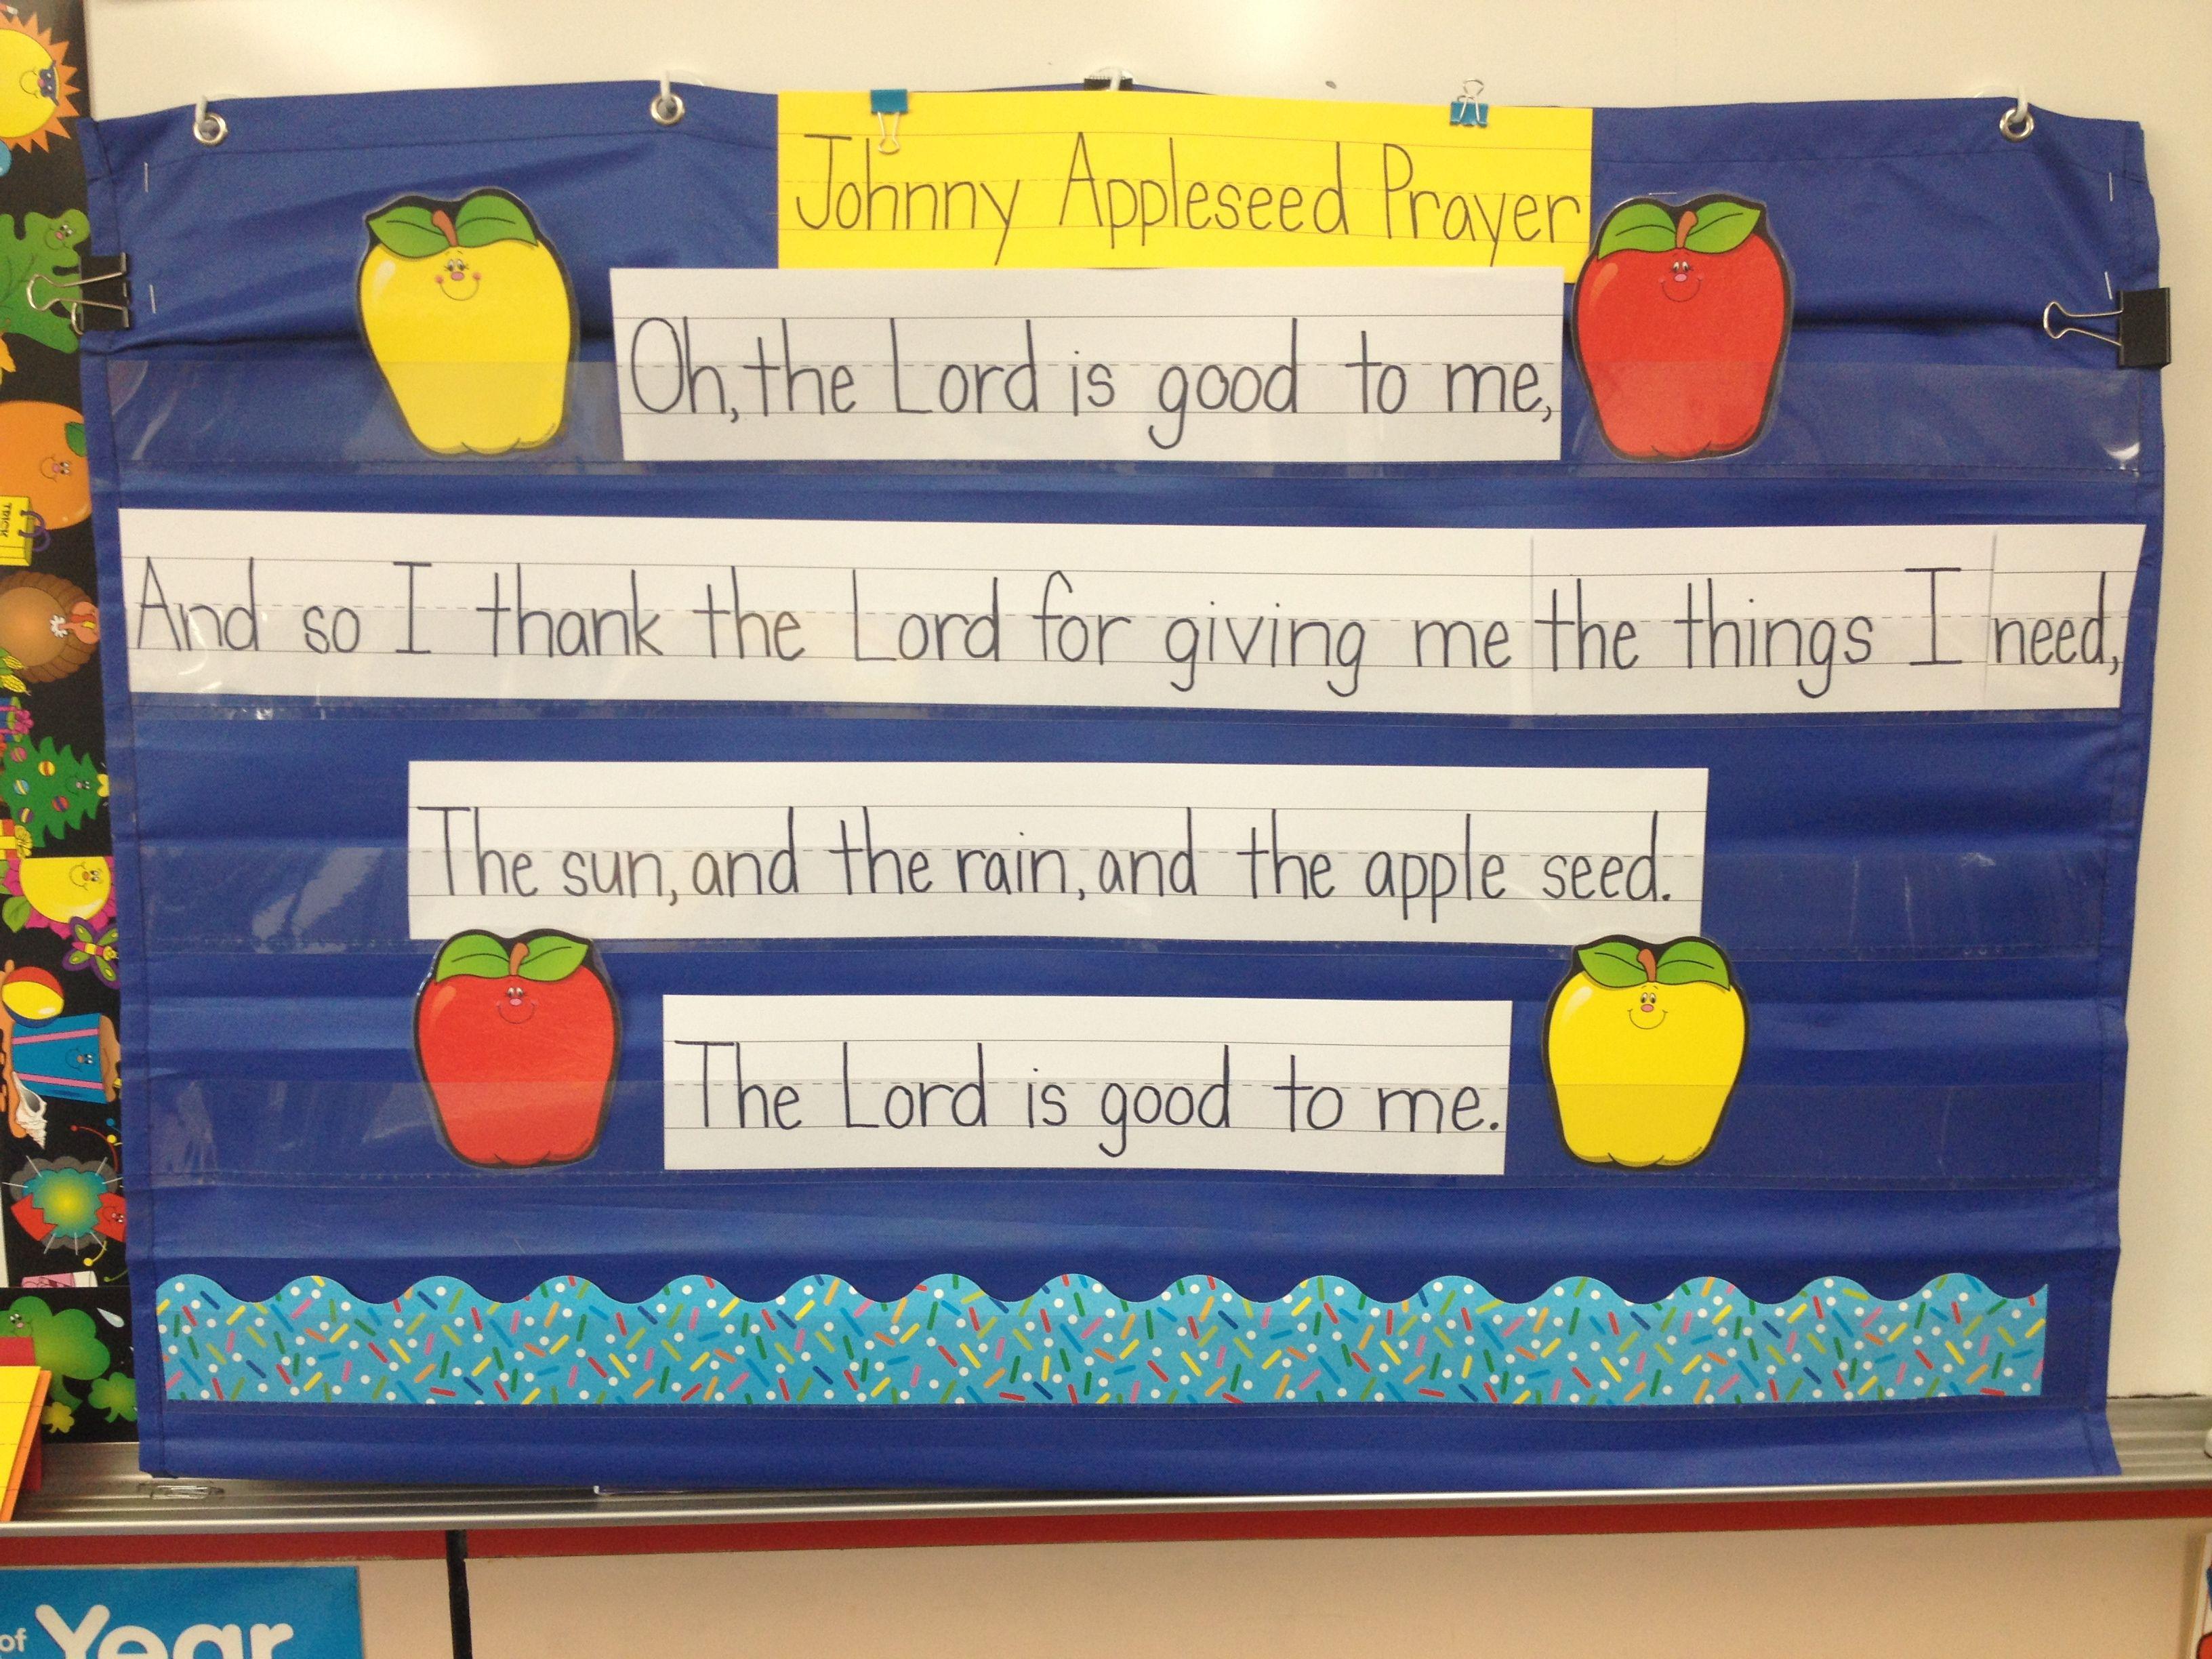 September Poem Johnny Appleseed Prayer